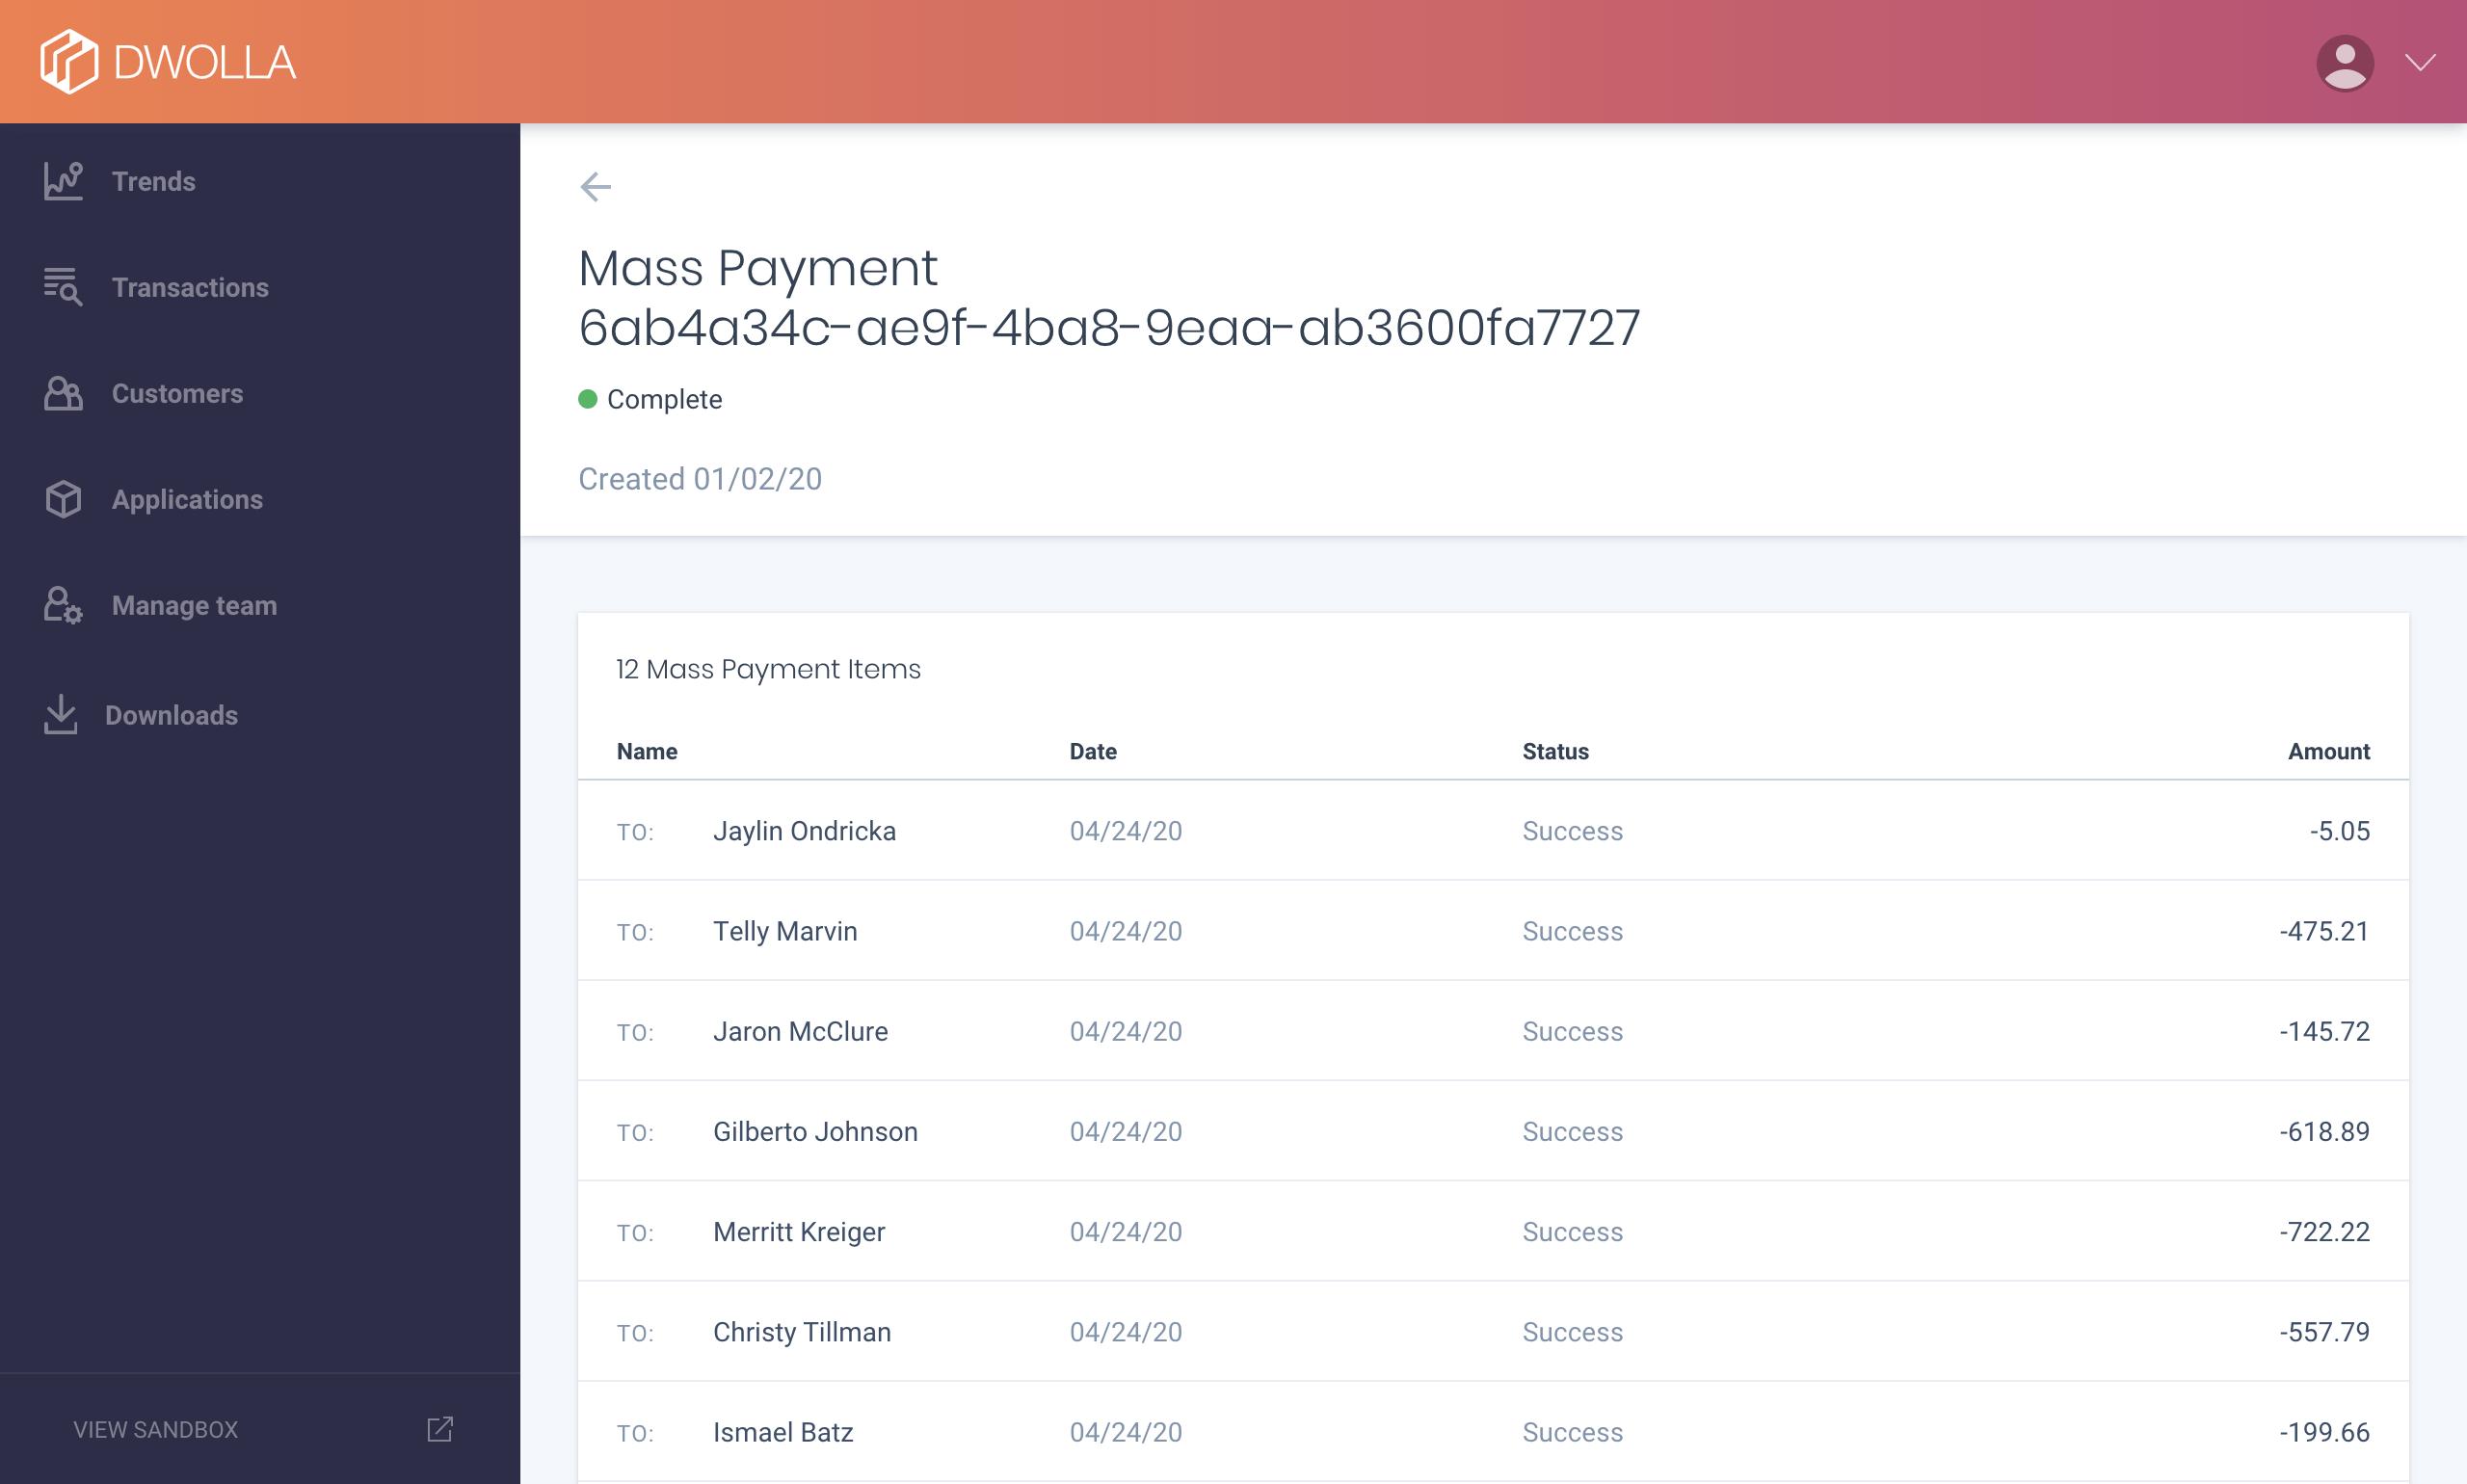 Dashboard Mass Payment Details Screenshot